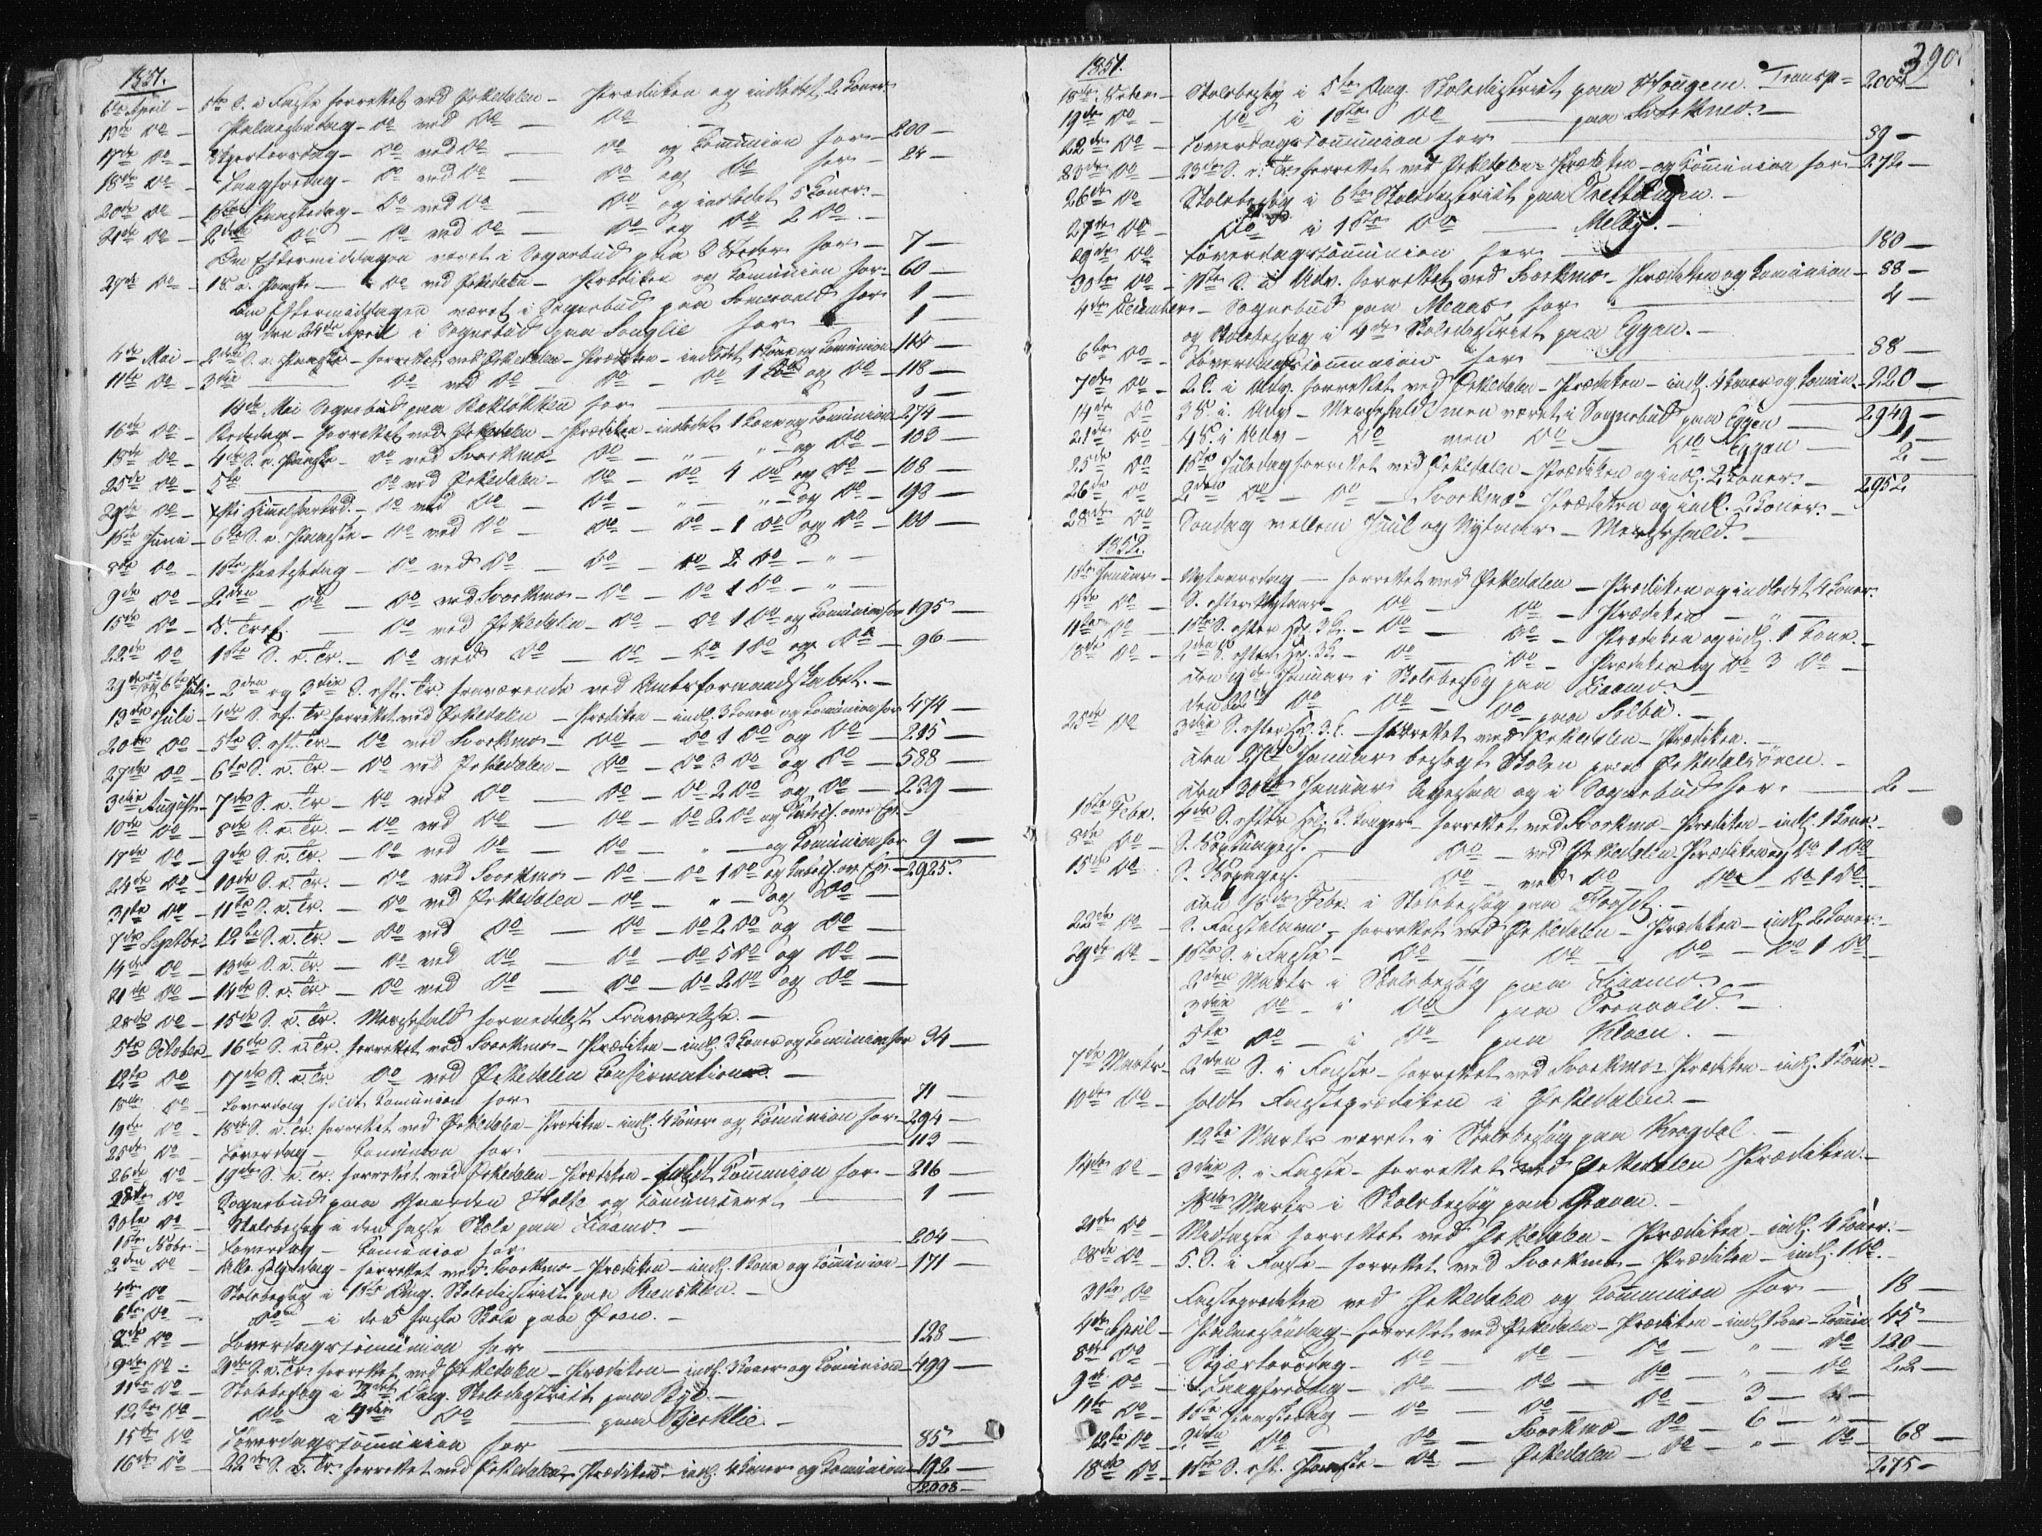 SAT, Ministerialprotokoller, klokkerbøker og fødselsregistre - Sør-Trøndelag, 668/L0805: Ministerialbok nr. 668A05, 1840-1853, s. 390